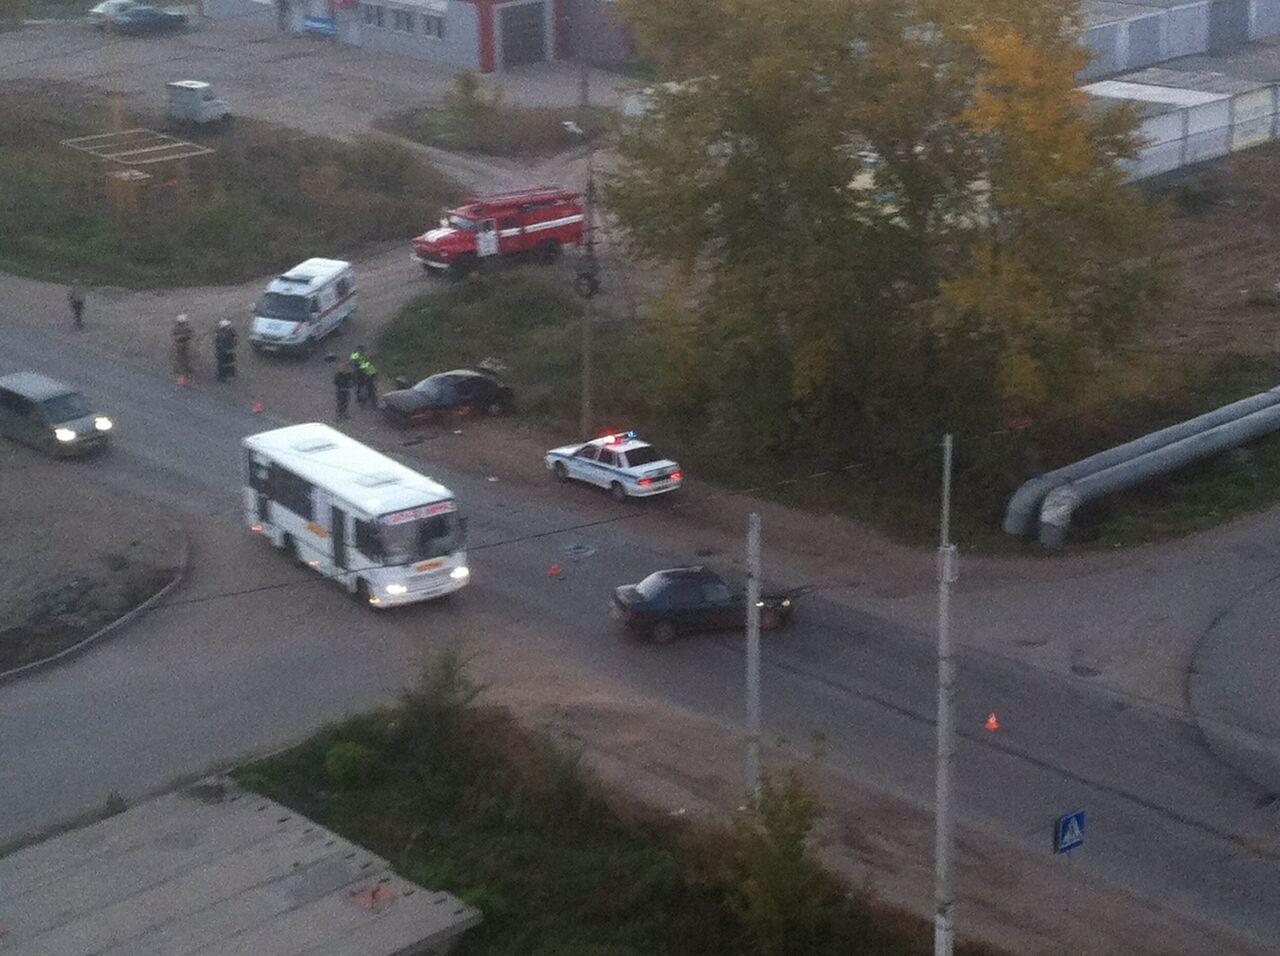 ВОмске автомобиль перевернулся пару раз, есть пострадавшие